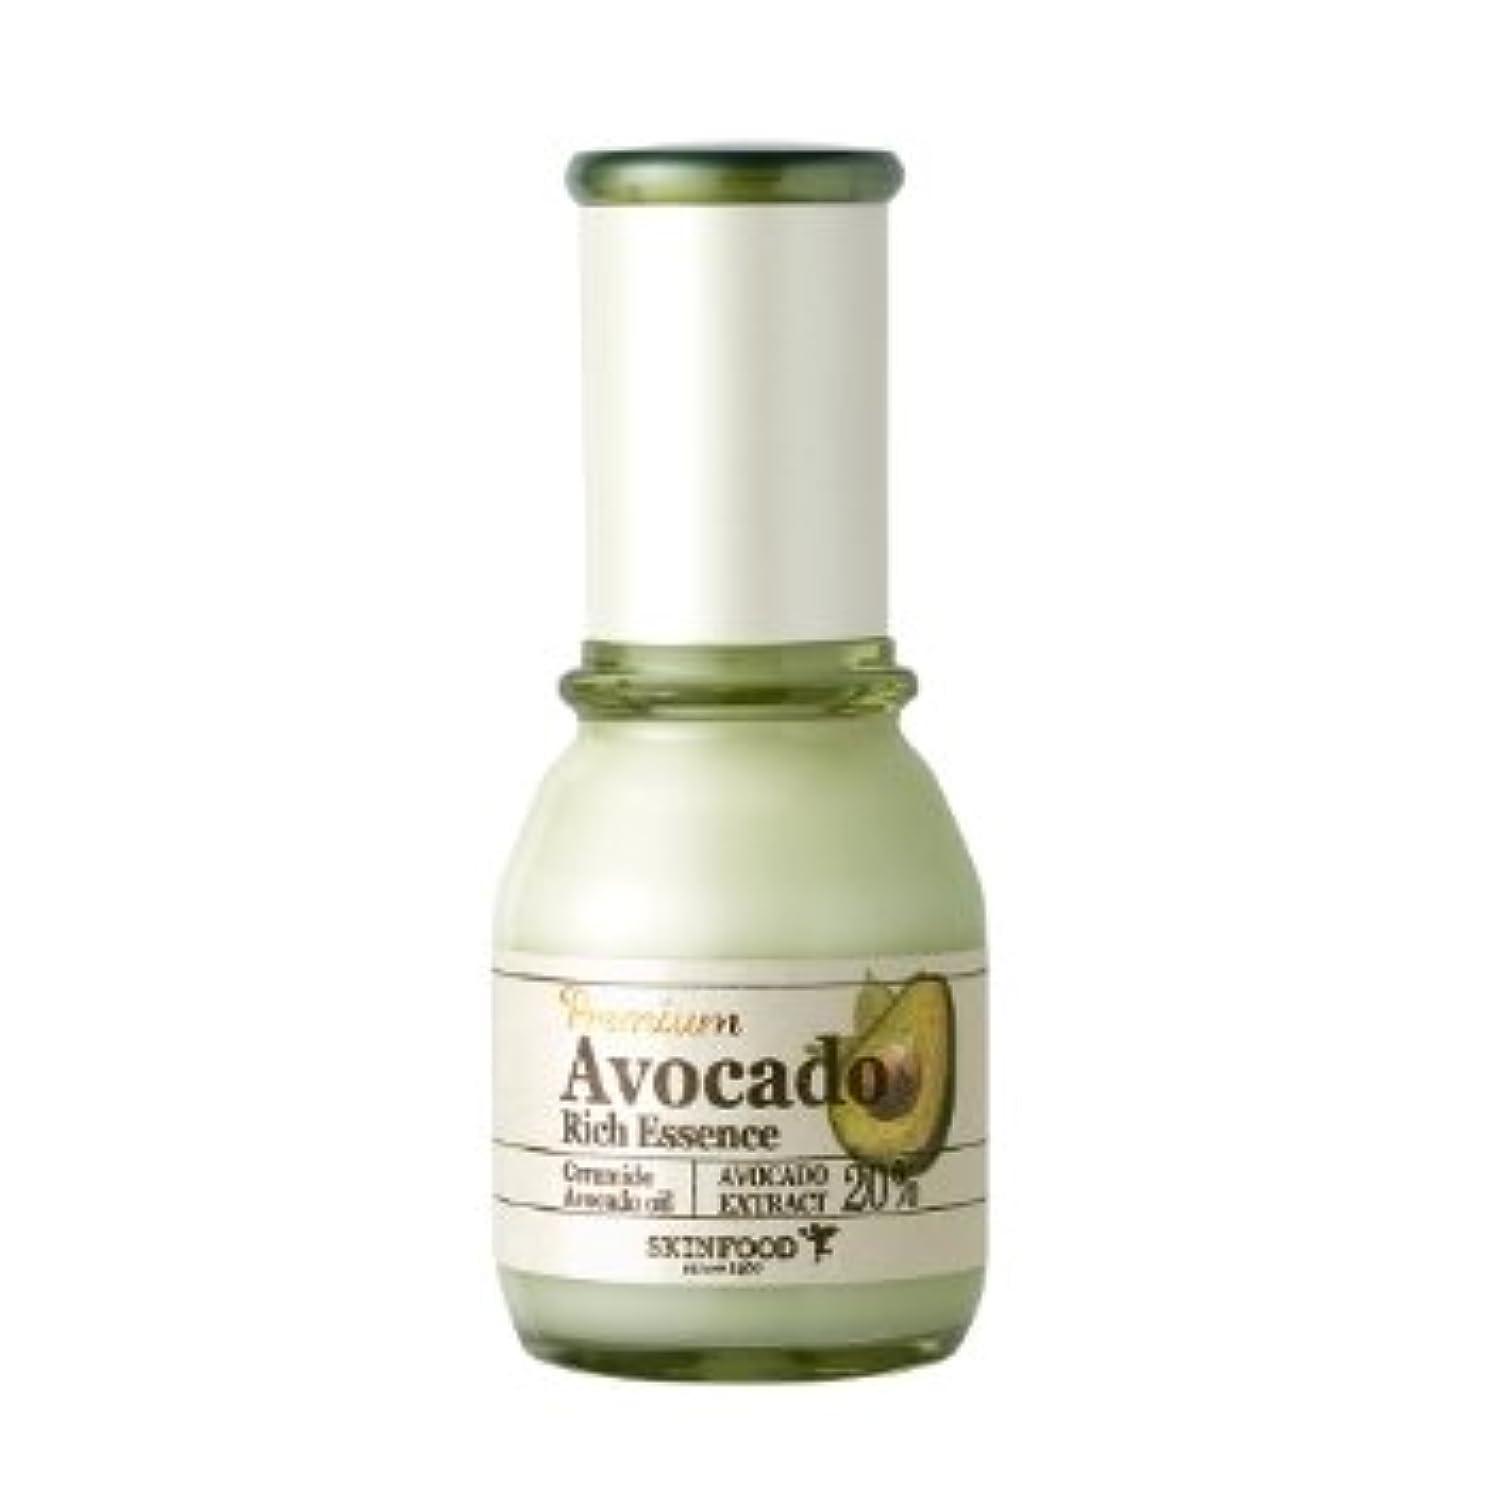 管理者ハドルジョットディボンドンスキンフード [Skin Food] プレミアム アボカド リーチ エッセンス 50ml / Premium Avocado Rich Essence 海外直送品